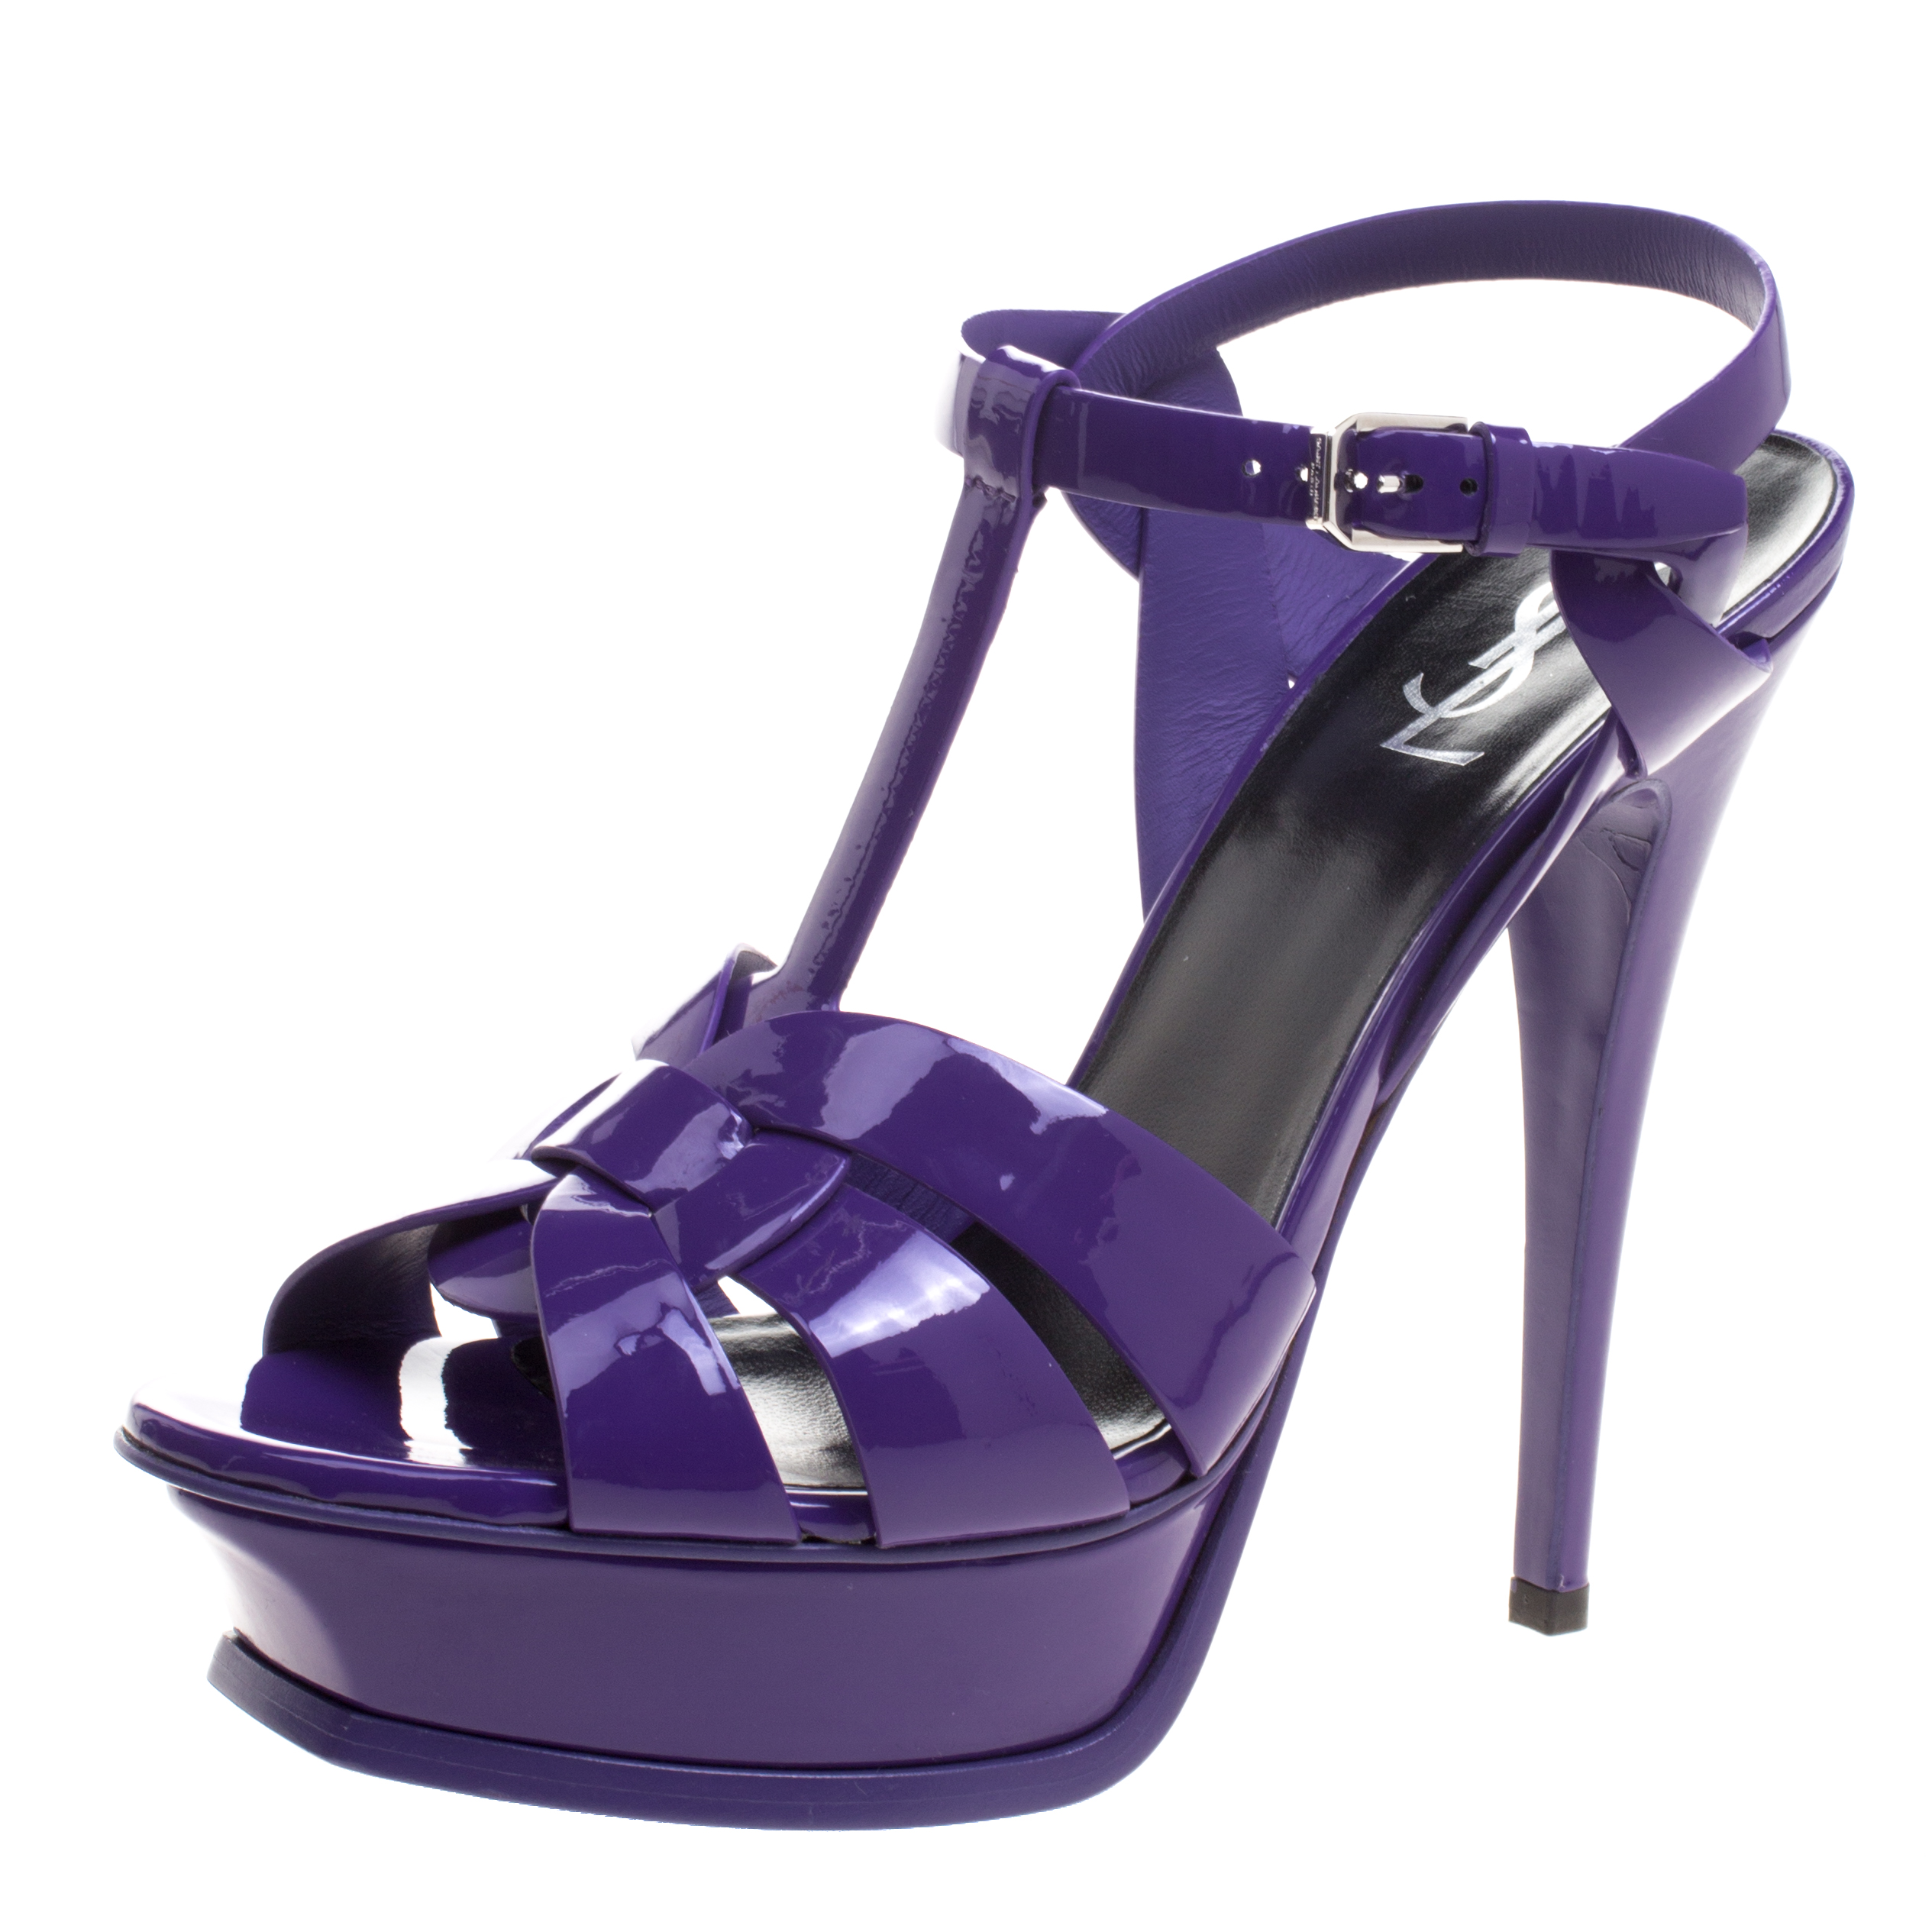 75795f2b718 Saint Laurent Paris Purple Patent Leather Tribute Platform Sandals Size 39